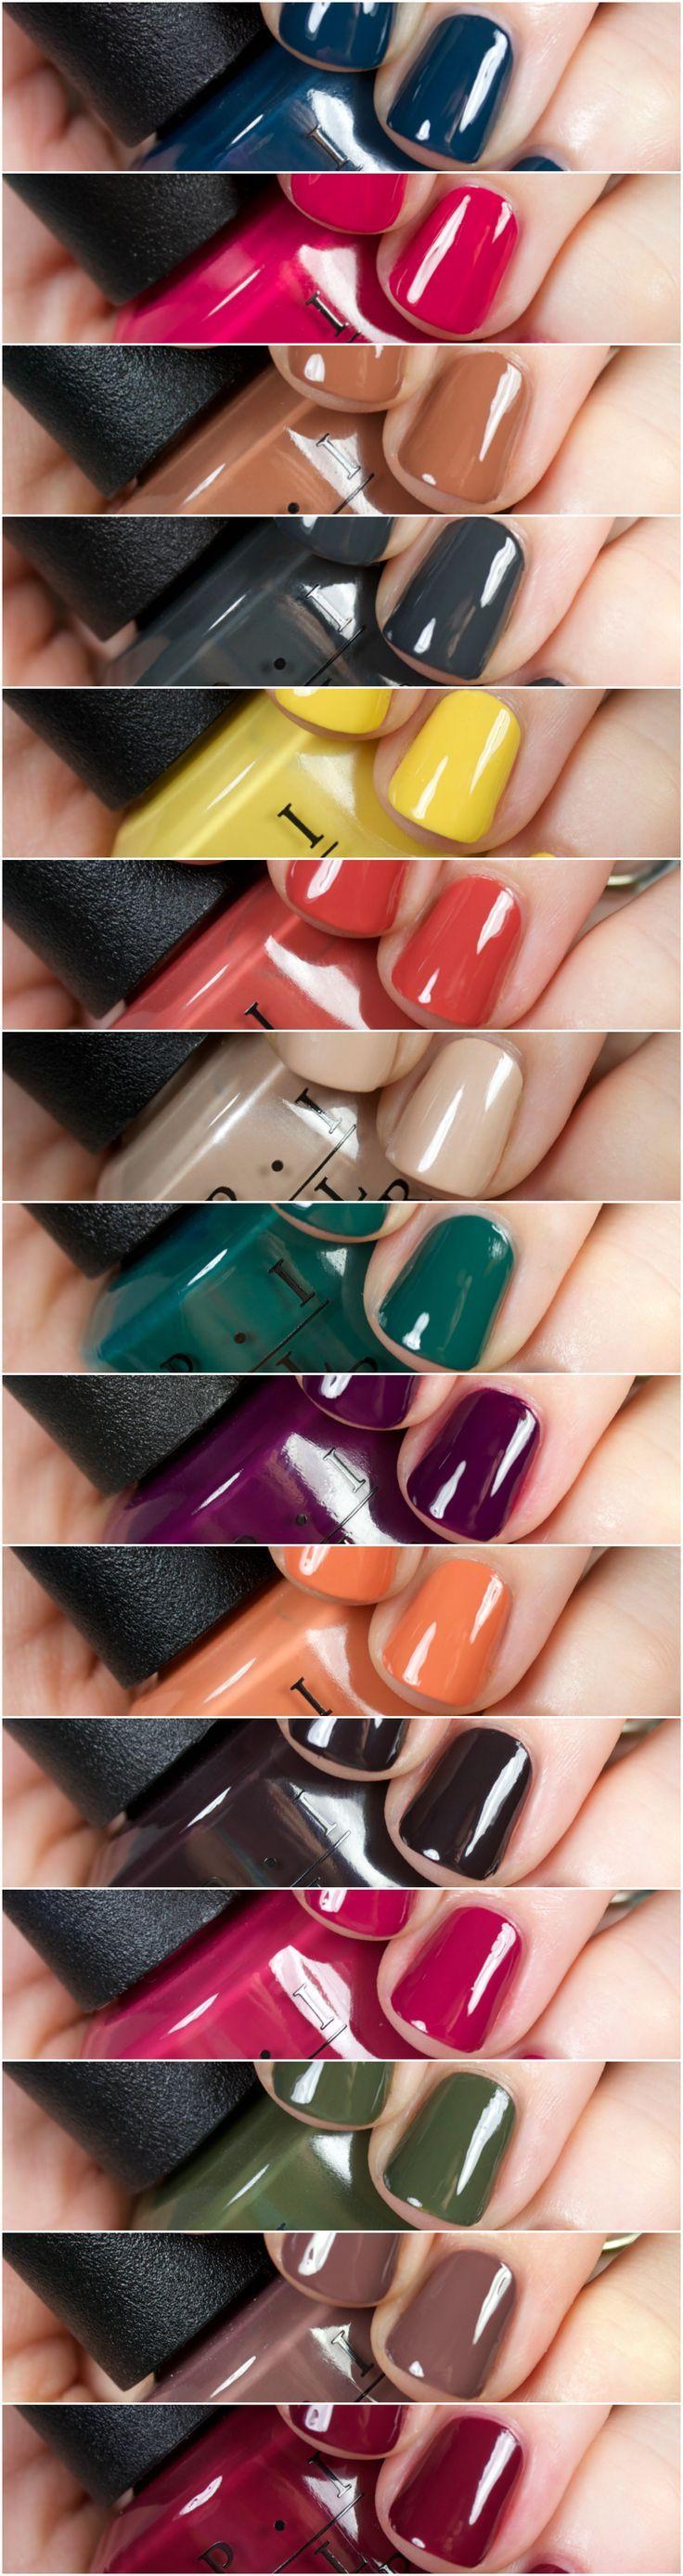 OPI Washington DC Collection   Nail polish collection, OPI and Opi ...